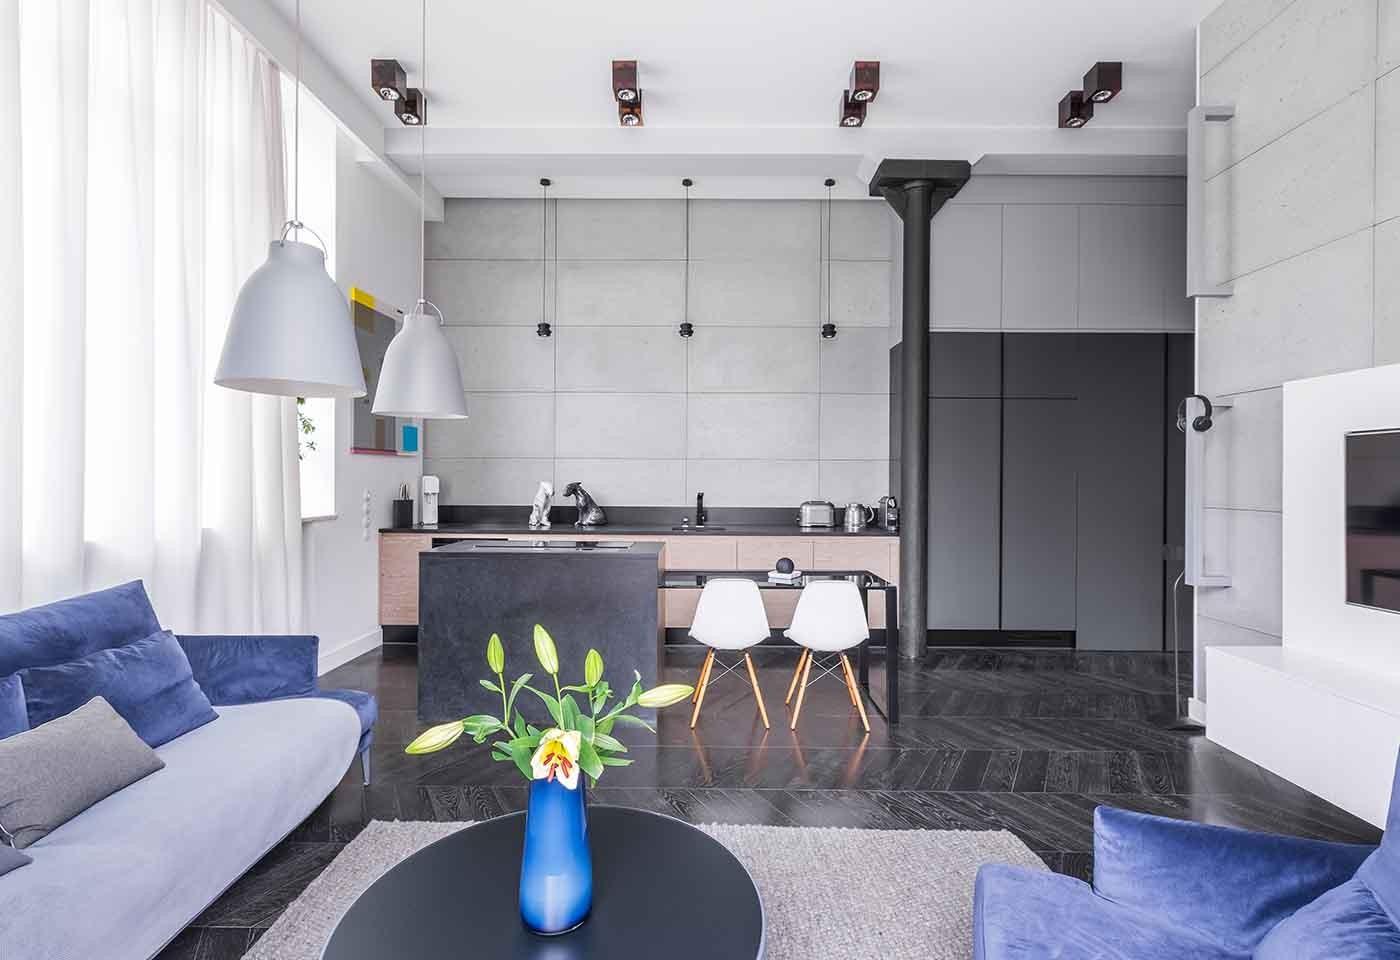 Dimensioni Tappeto Davanti Al Divano tappeto per il salotto: quale scegliere?